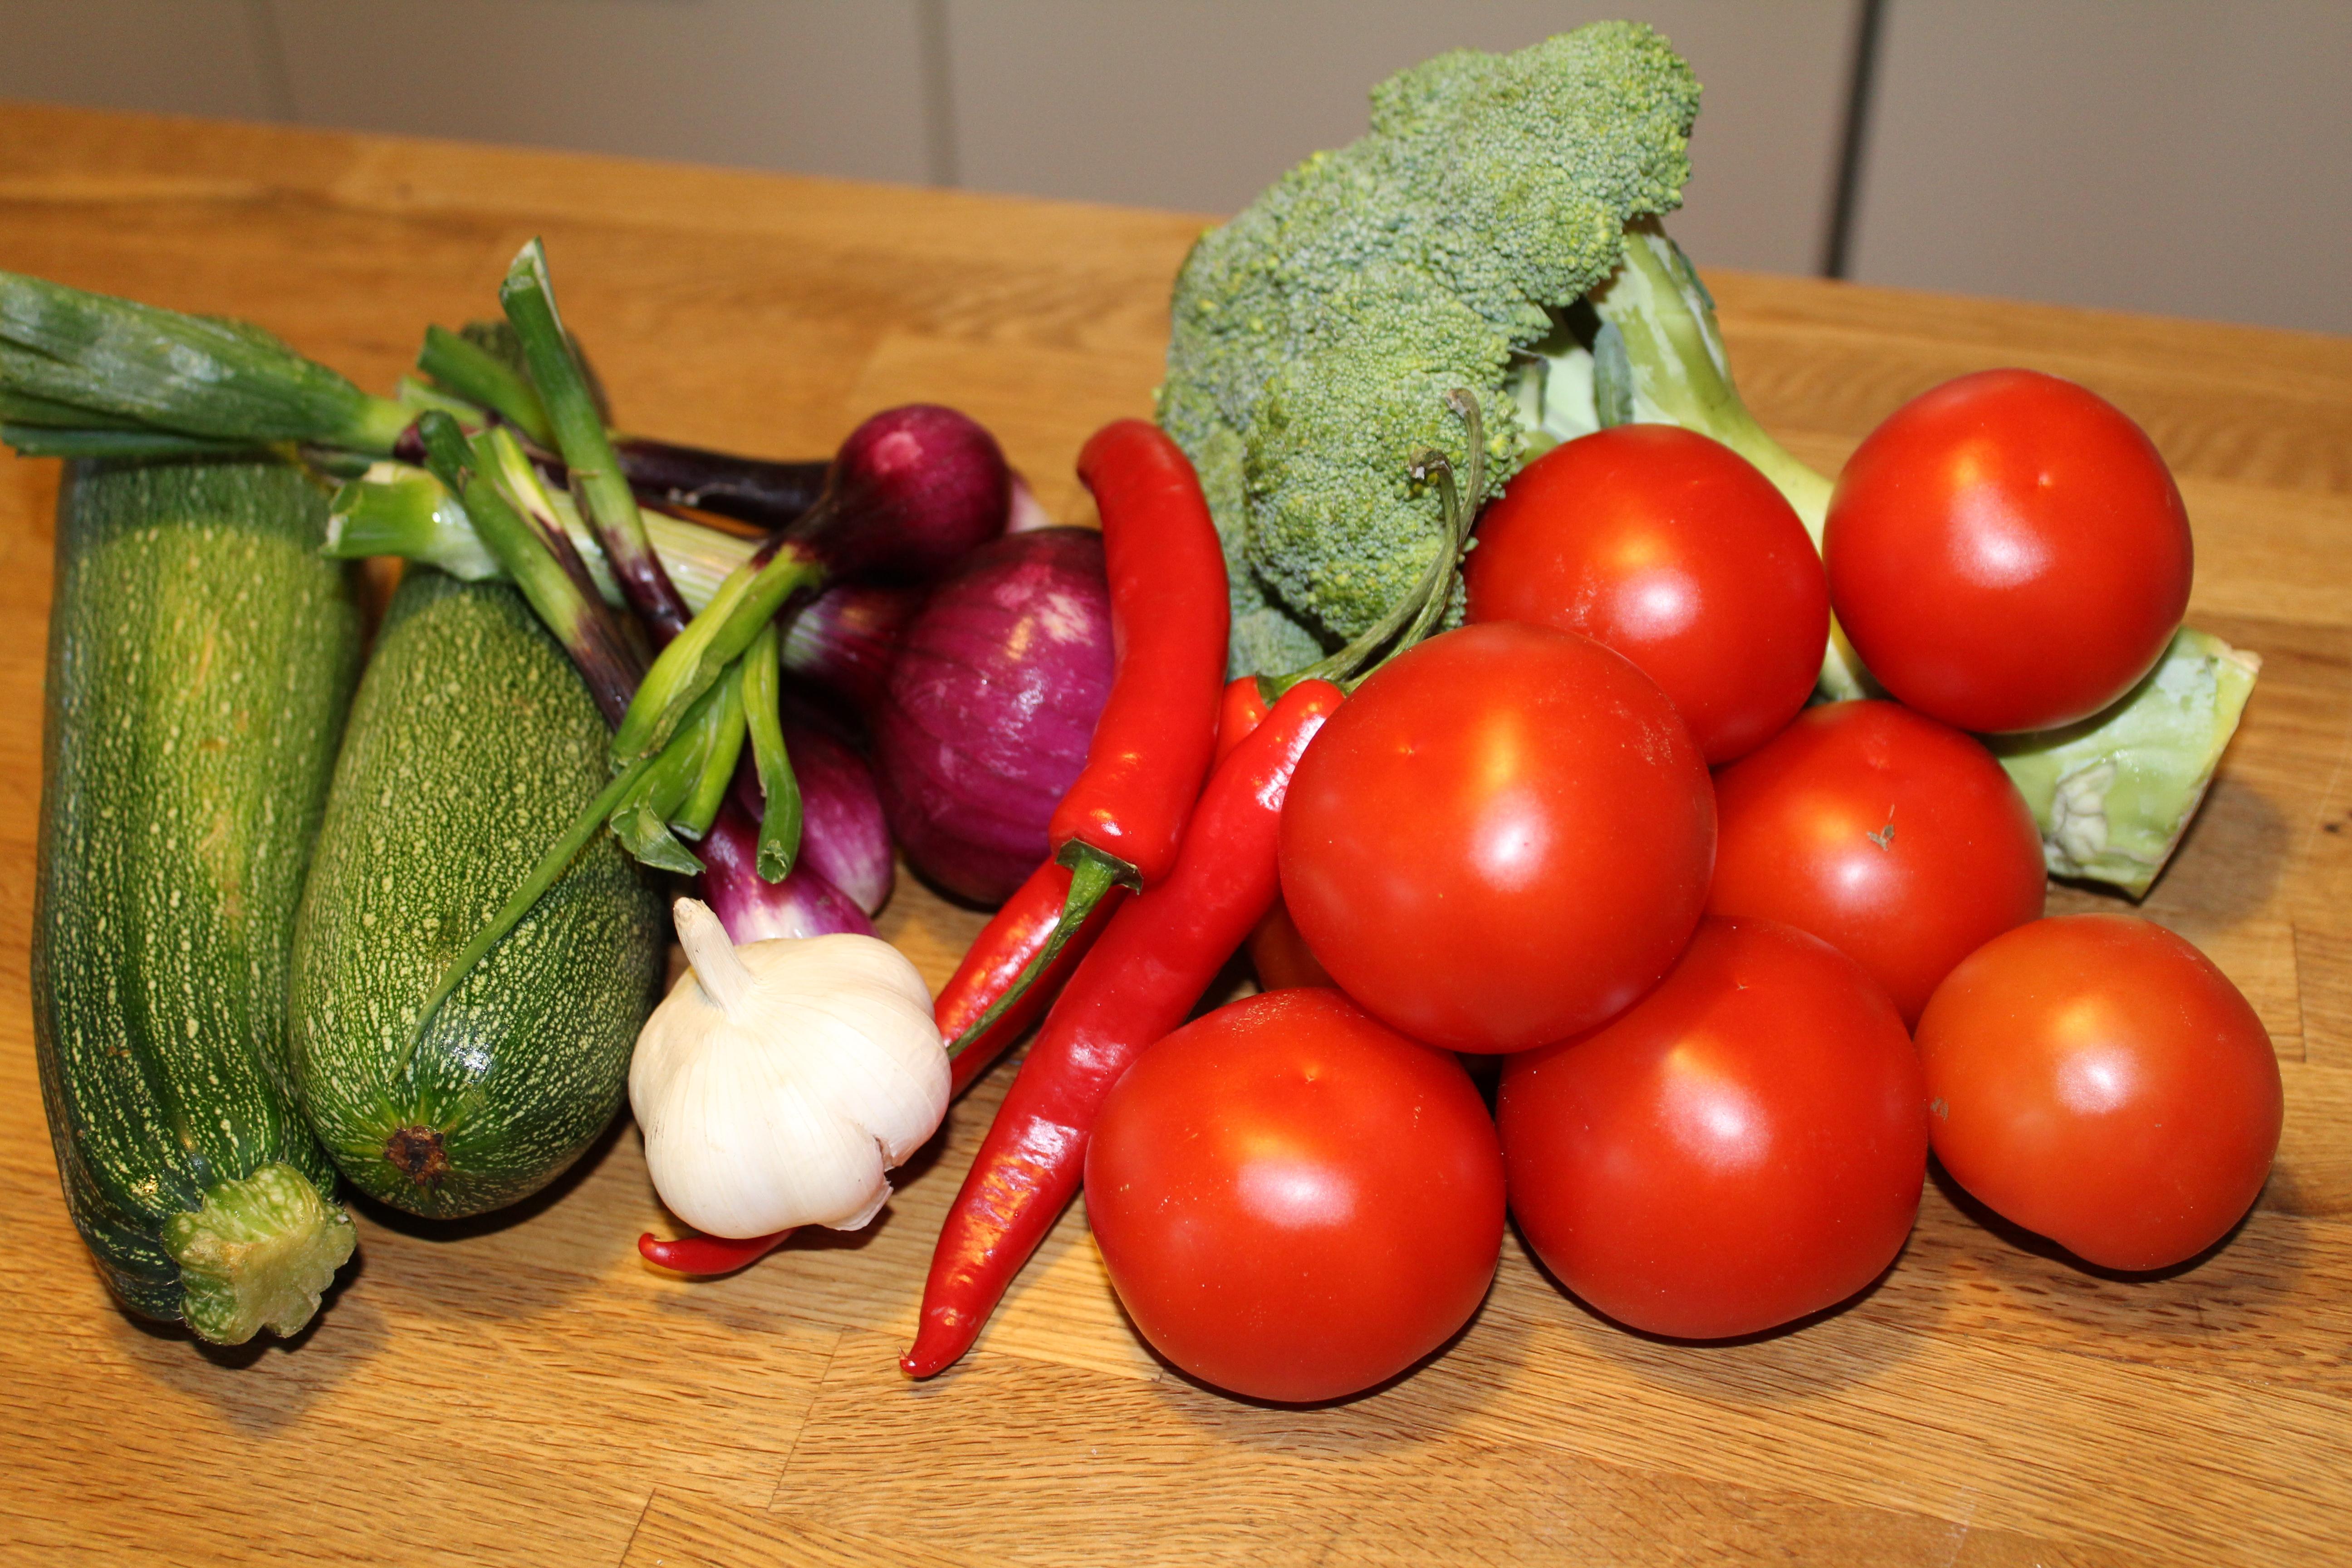 Friske grøntsager til chili goji gryde